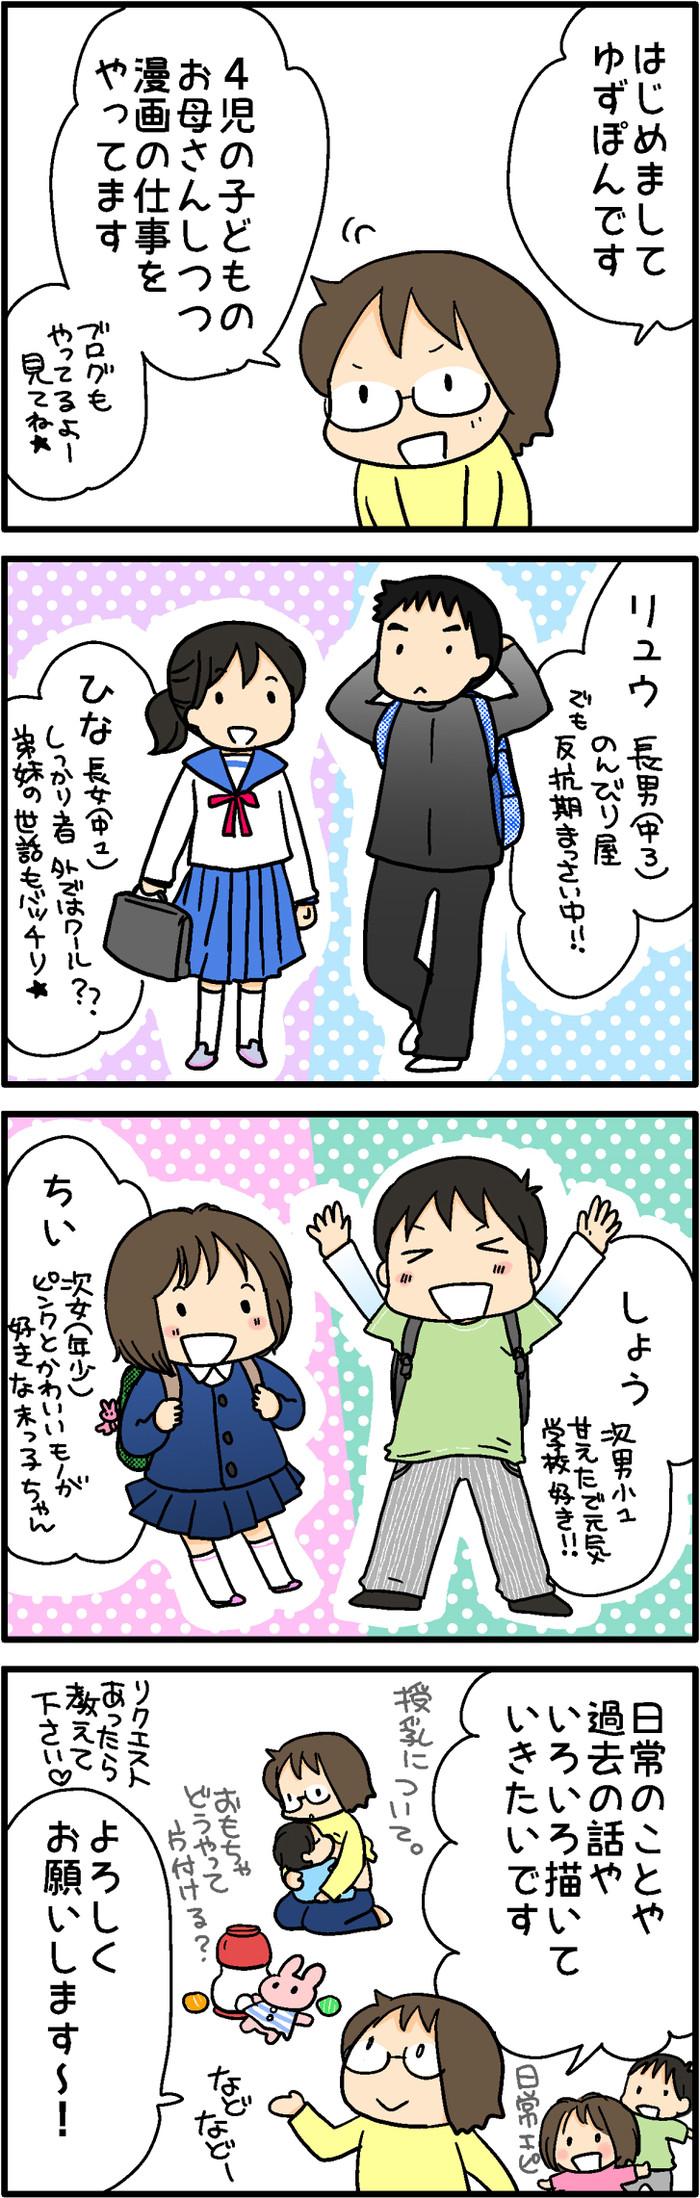 【新漫画連載スタート!】おやこぐらし 男・女・男・女の4人きょうだい育ててますの画像1